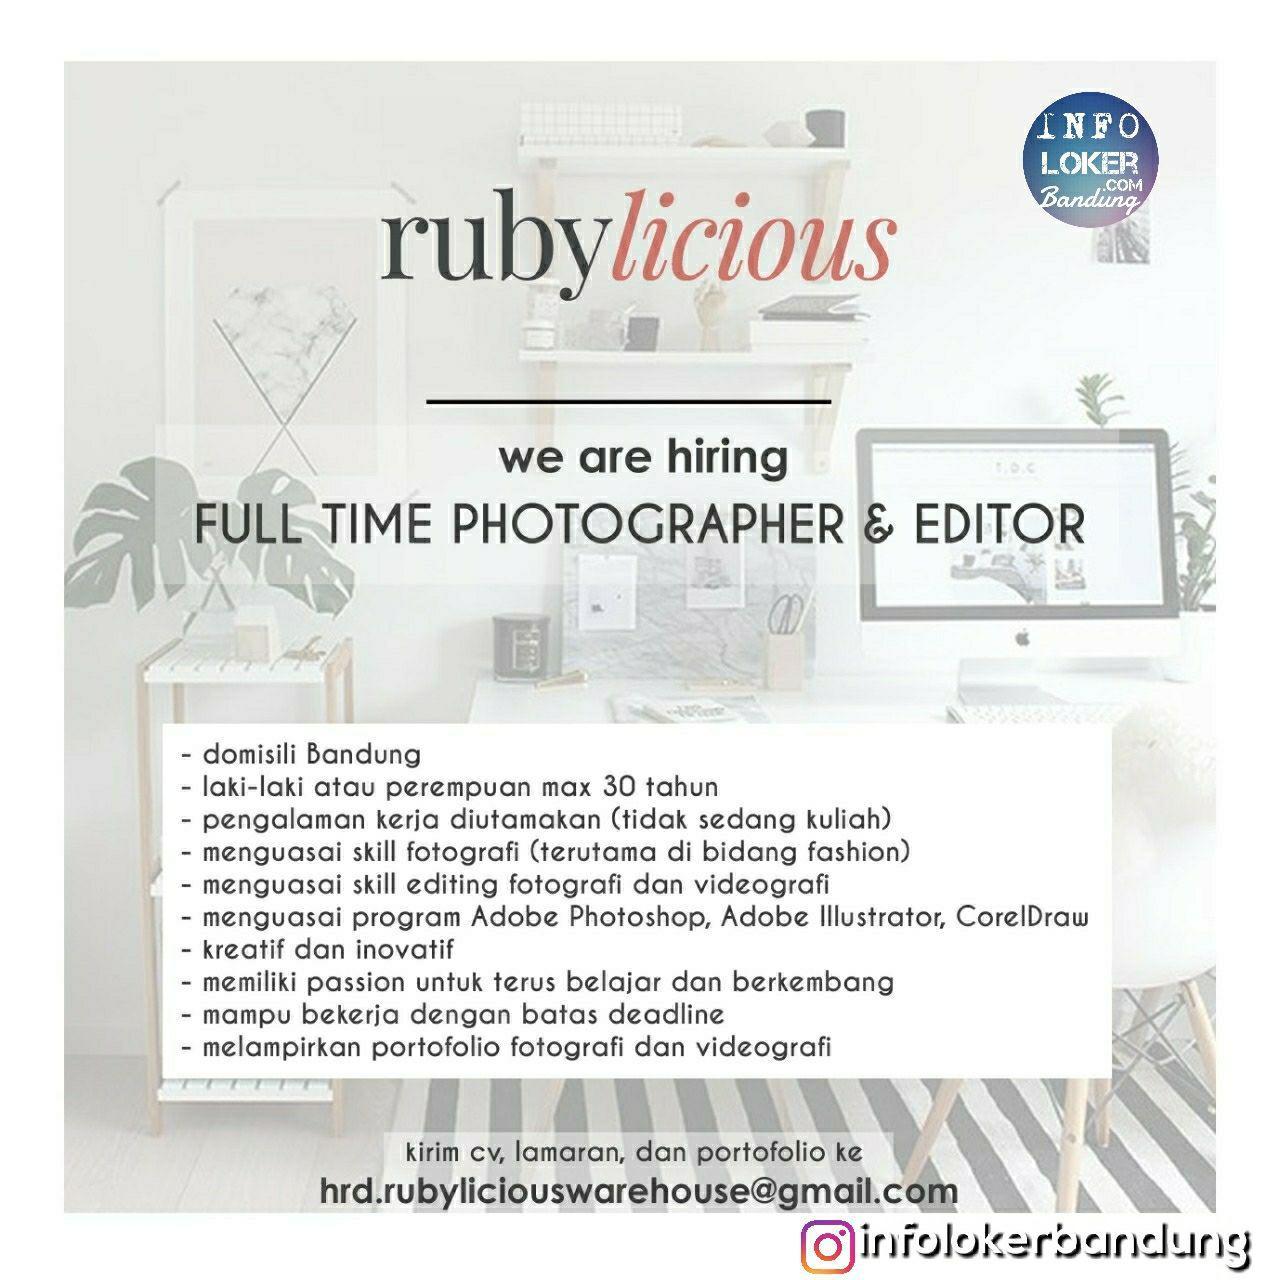 Lowongan Kerja Rubylicious Bandung November 2018